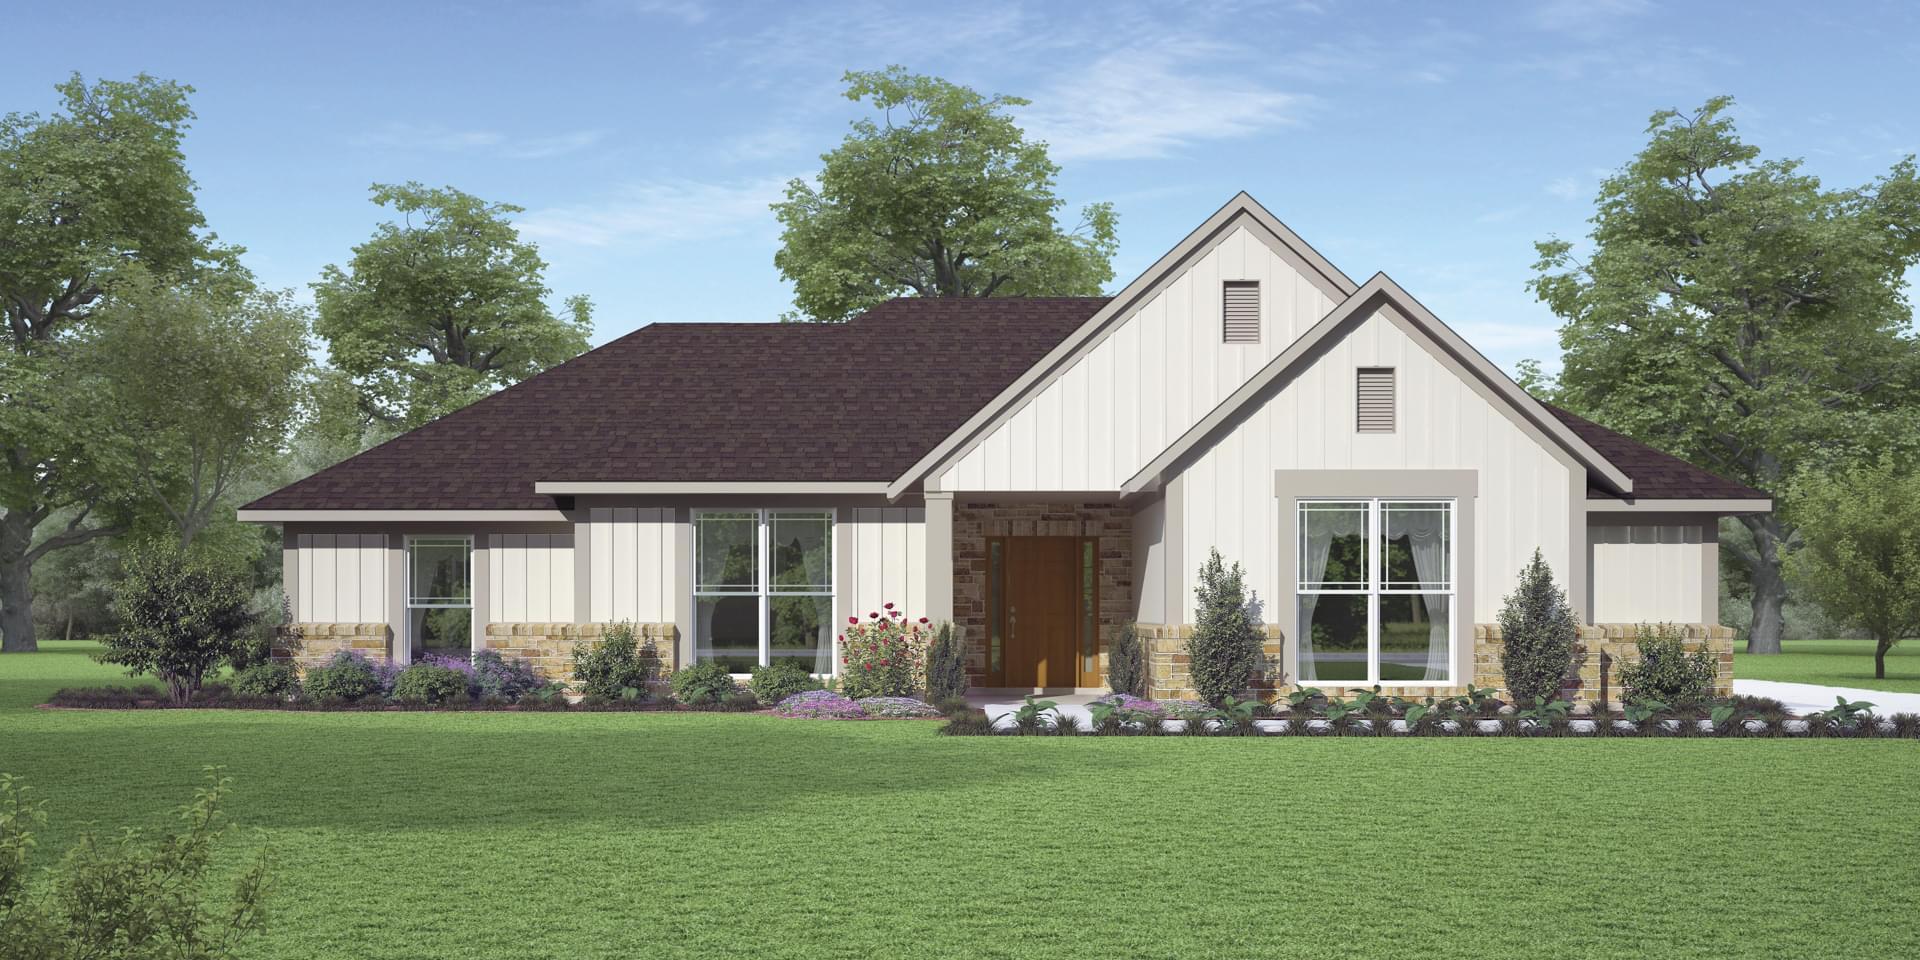 The Jacksonville Custom Home Plan from Tilson Homes